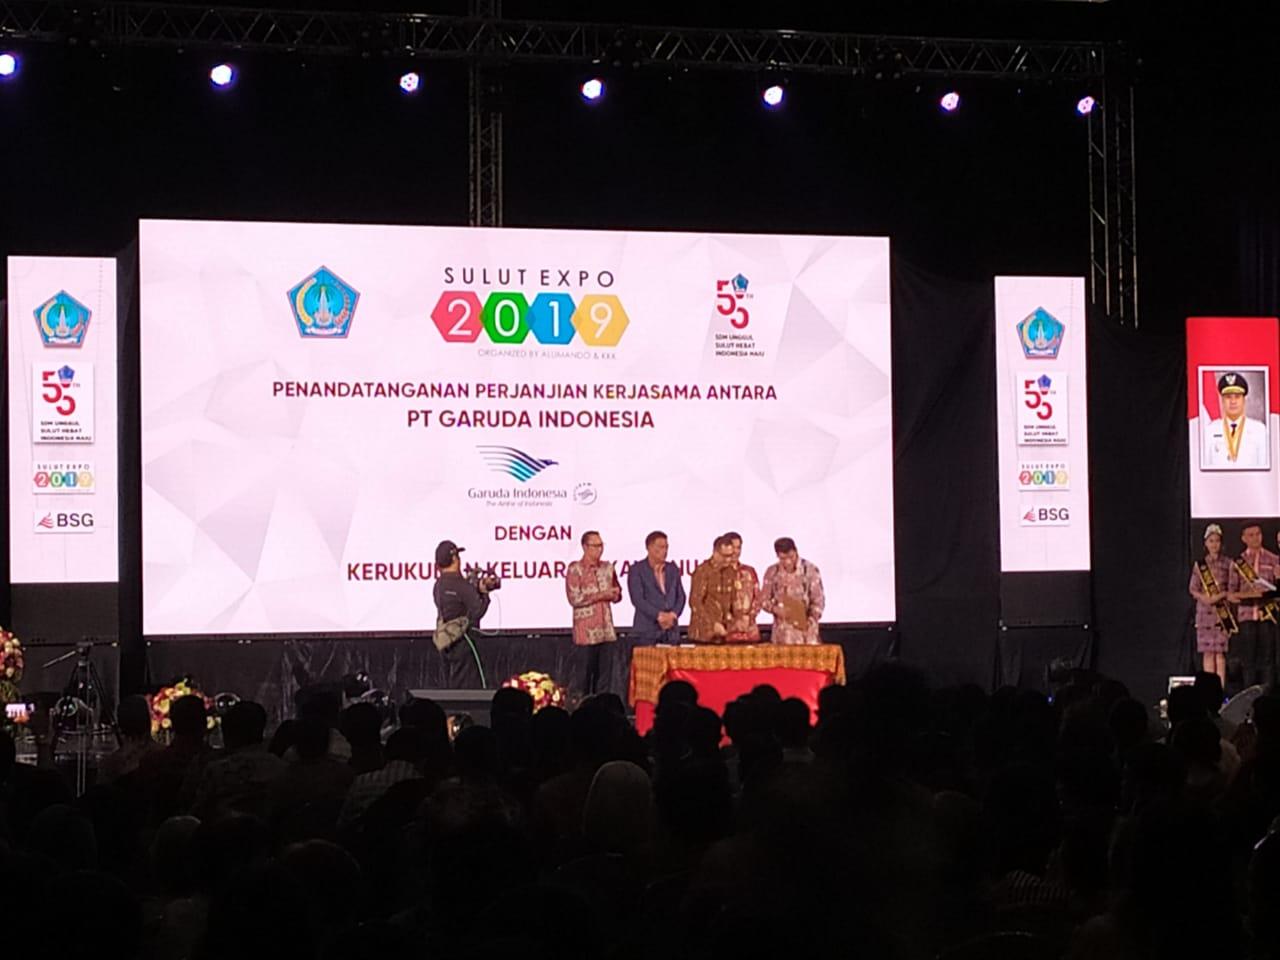 Permalink ke Investasi Sulut Expo 2019 di Jakarta Capai 4,7 Triliun